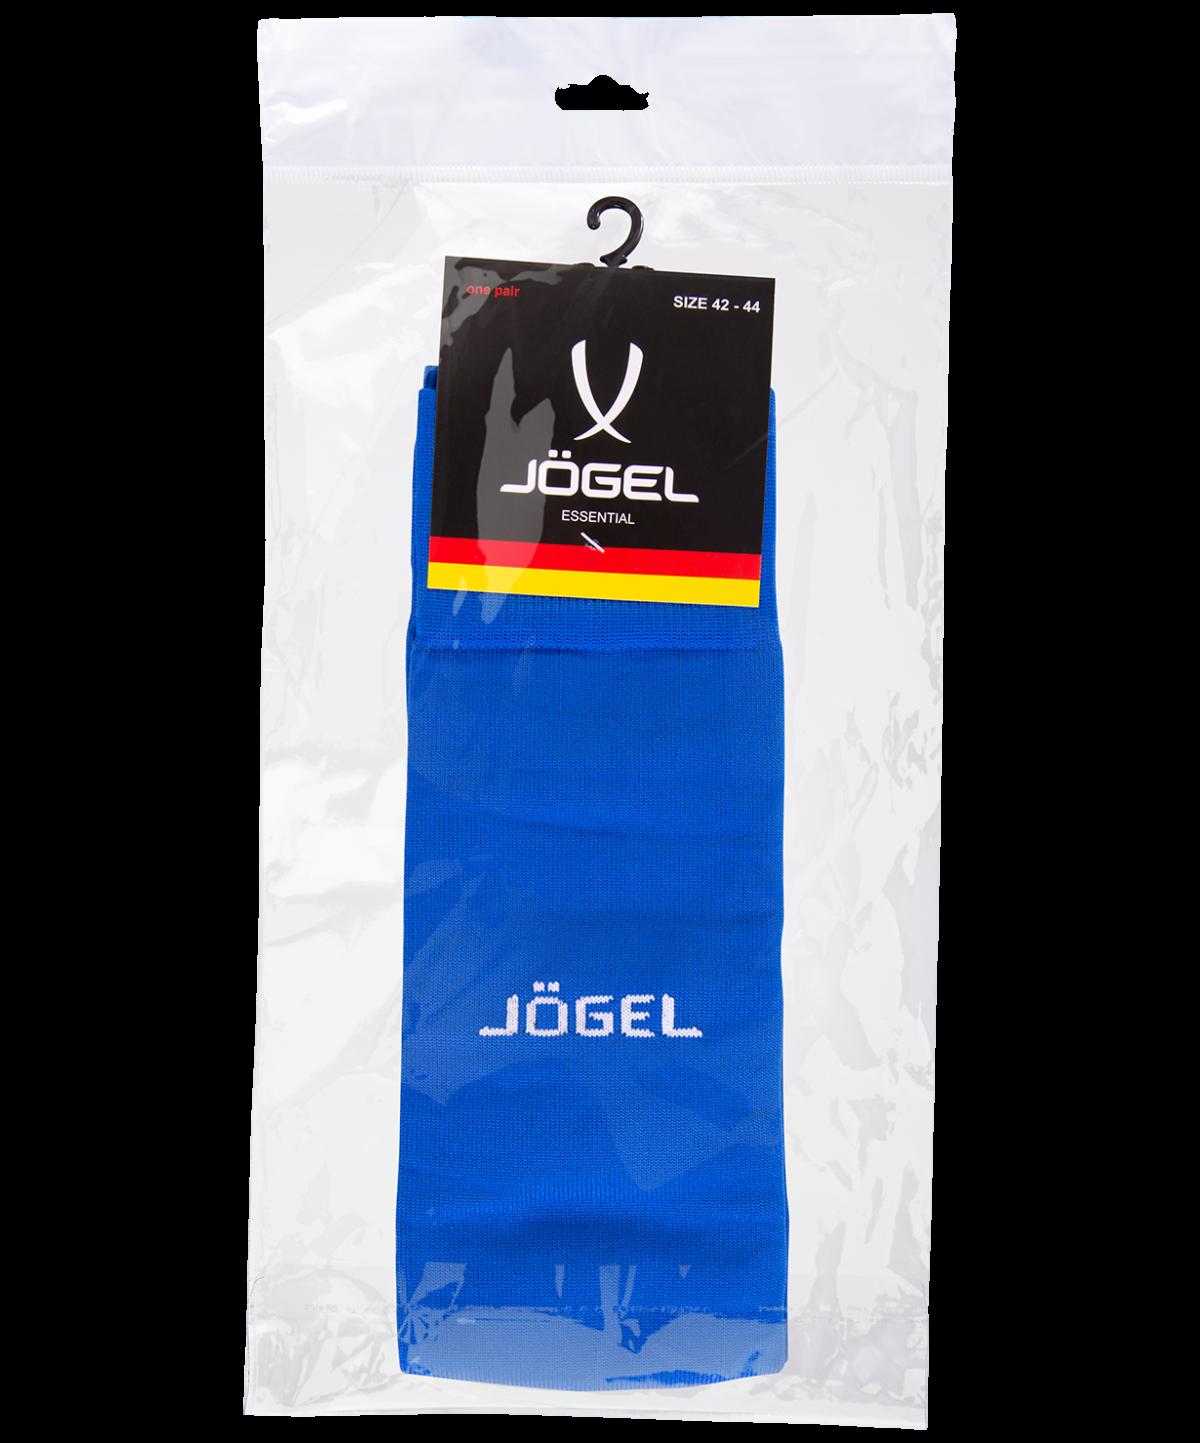 JOGEL Гетры футбольные Essentiаl, синий/серый  JA-006 - 4